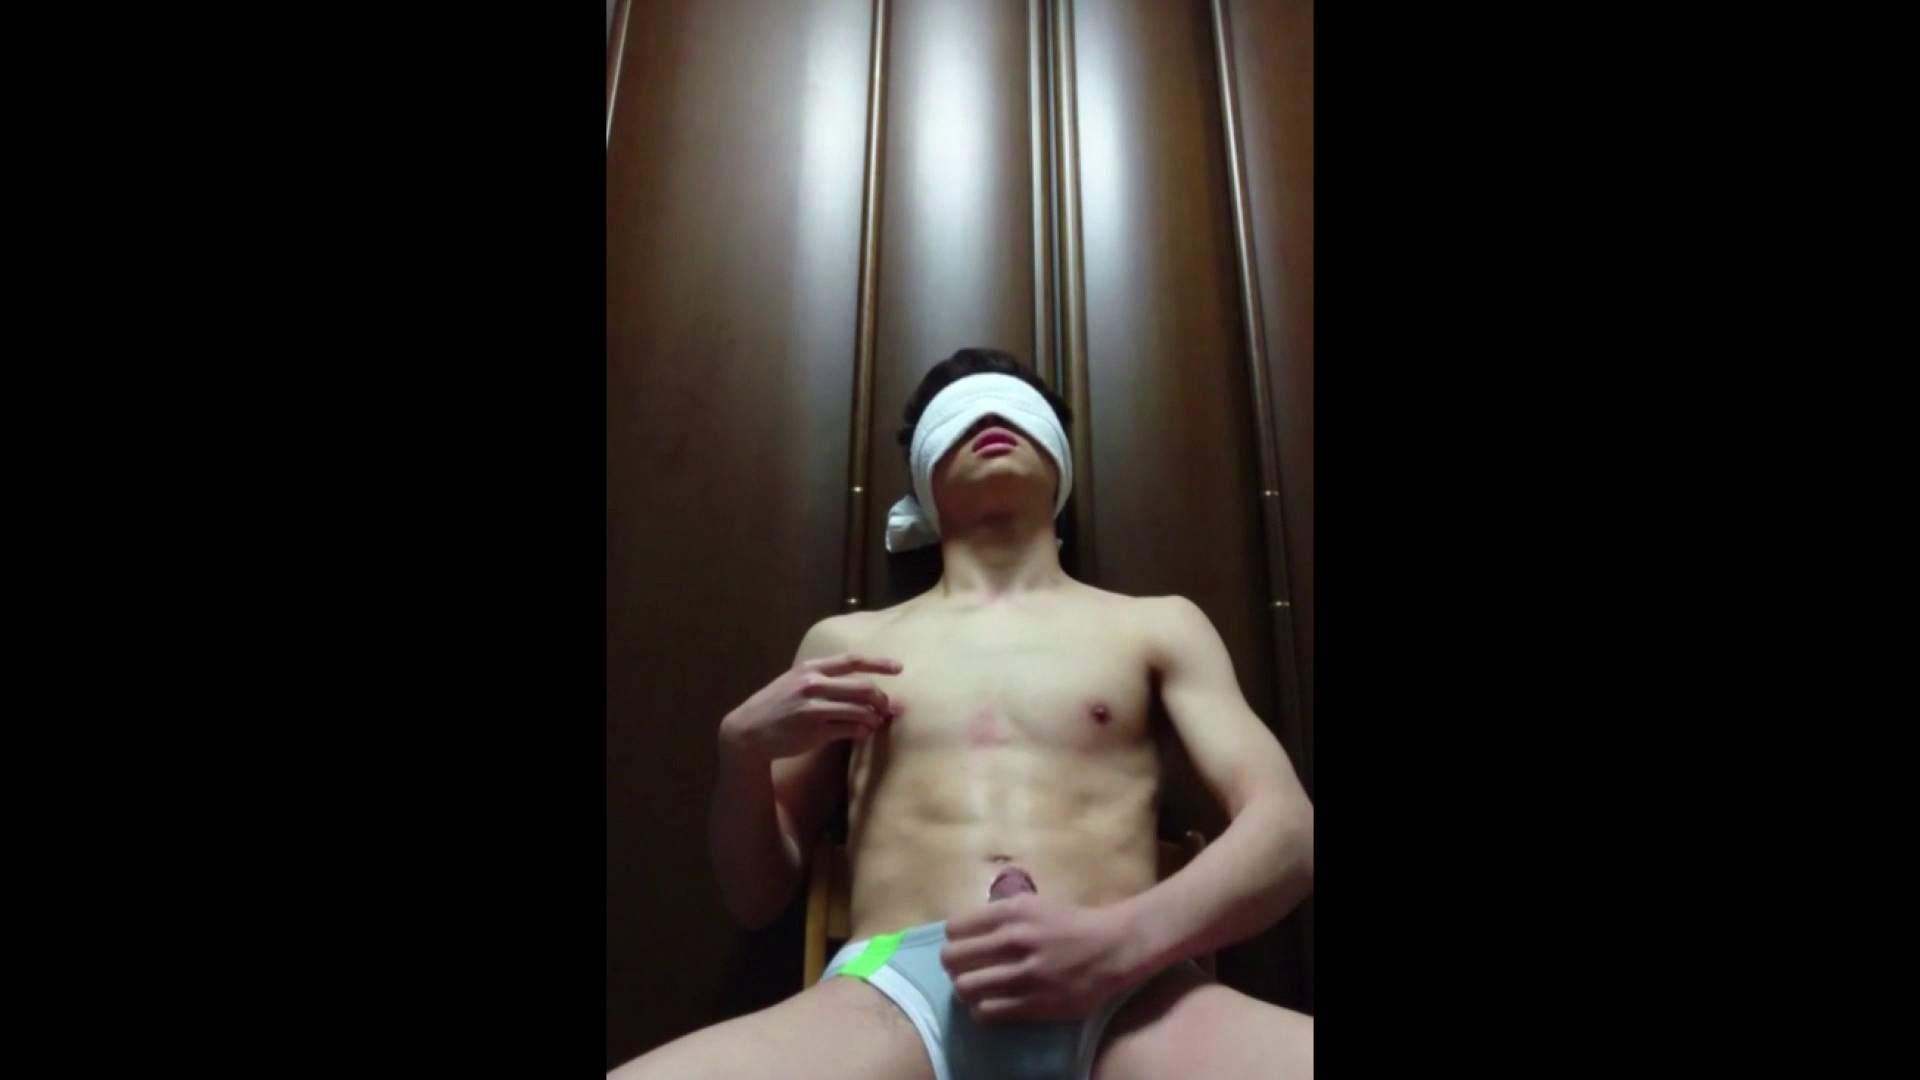 個人撮影 自慰の極意 Vol.21 オナニー  59pic 55